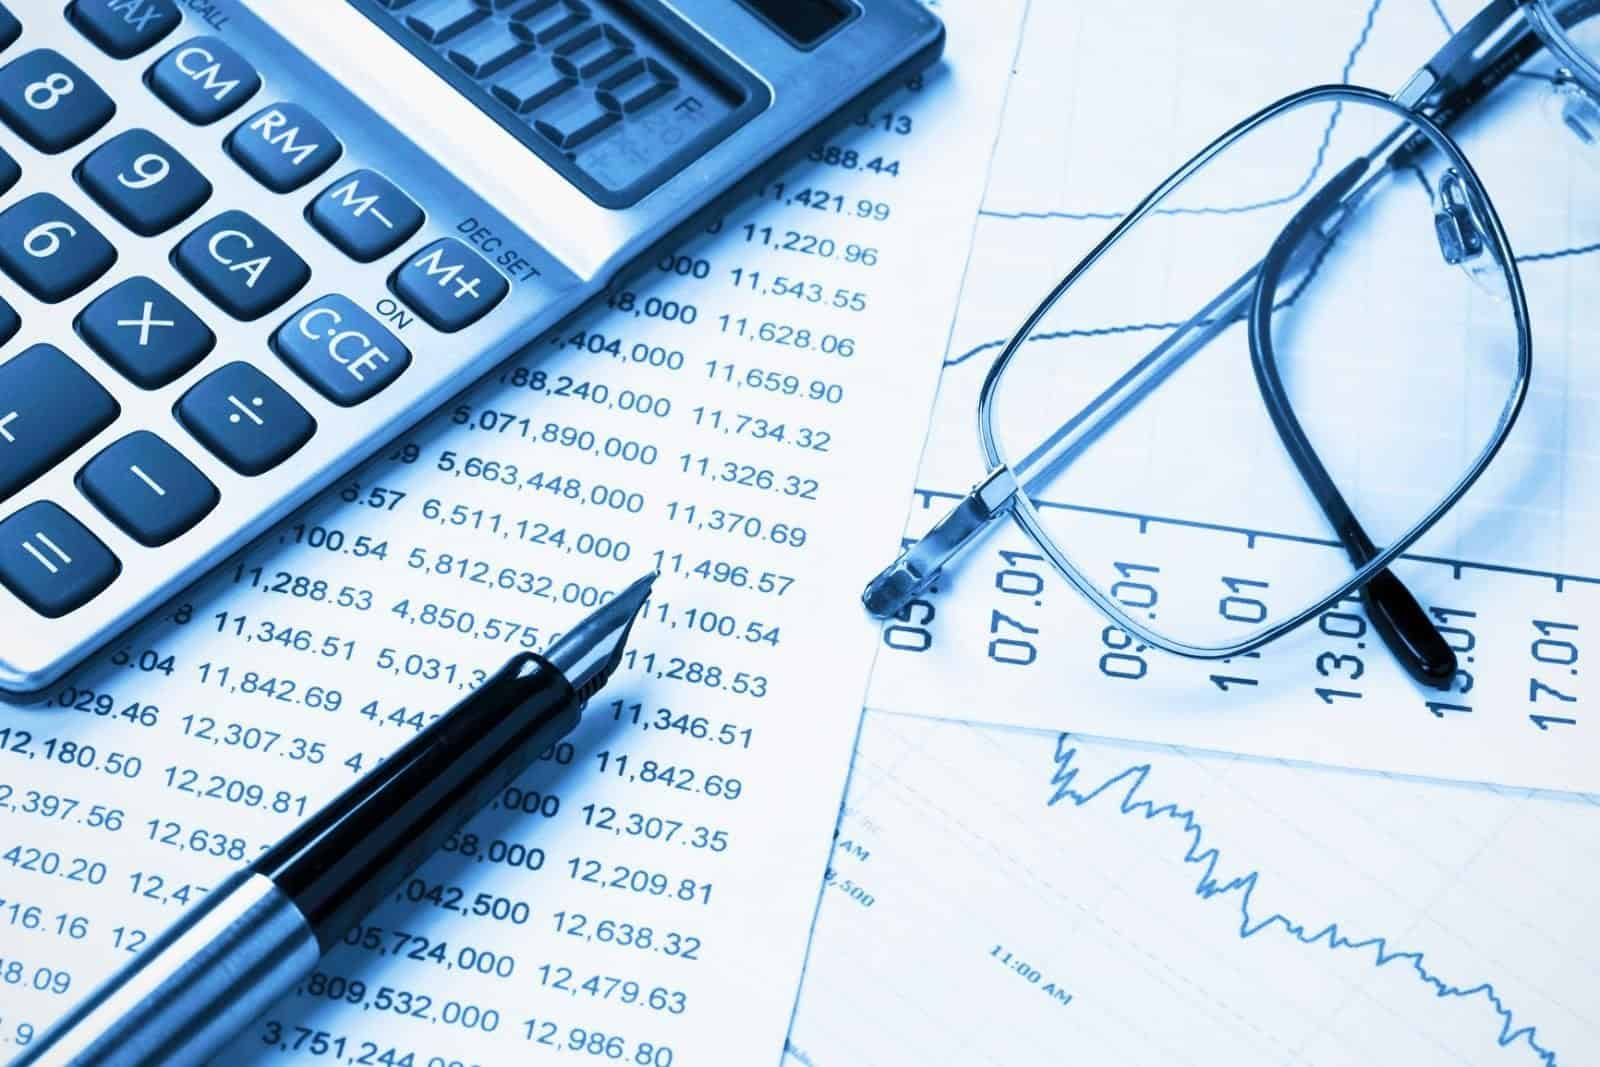 Kế toán tổng hợp là gì?